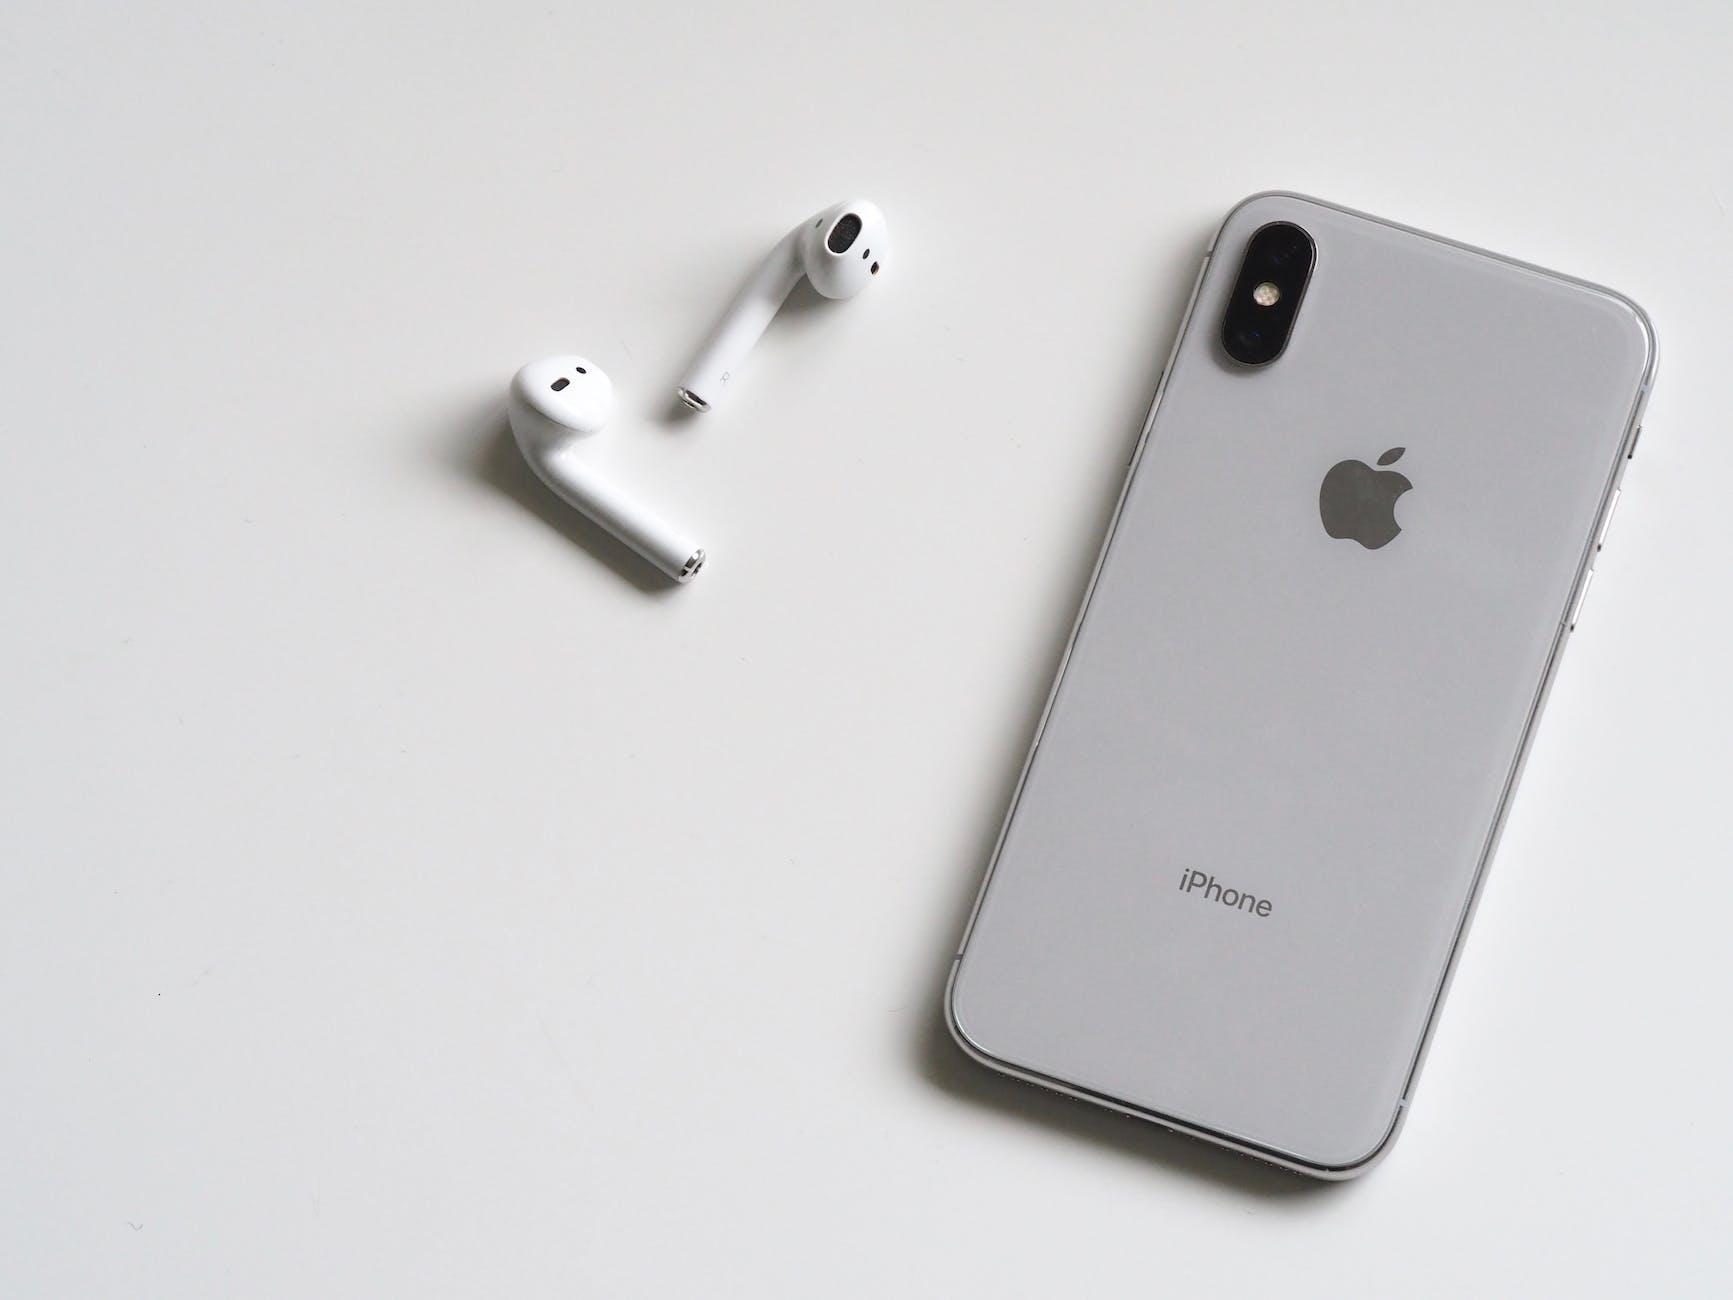 Quelles sont les principales pannes rencontrées sur un iPhone en 2020 ?